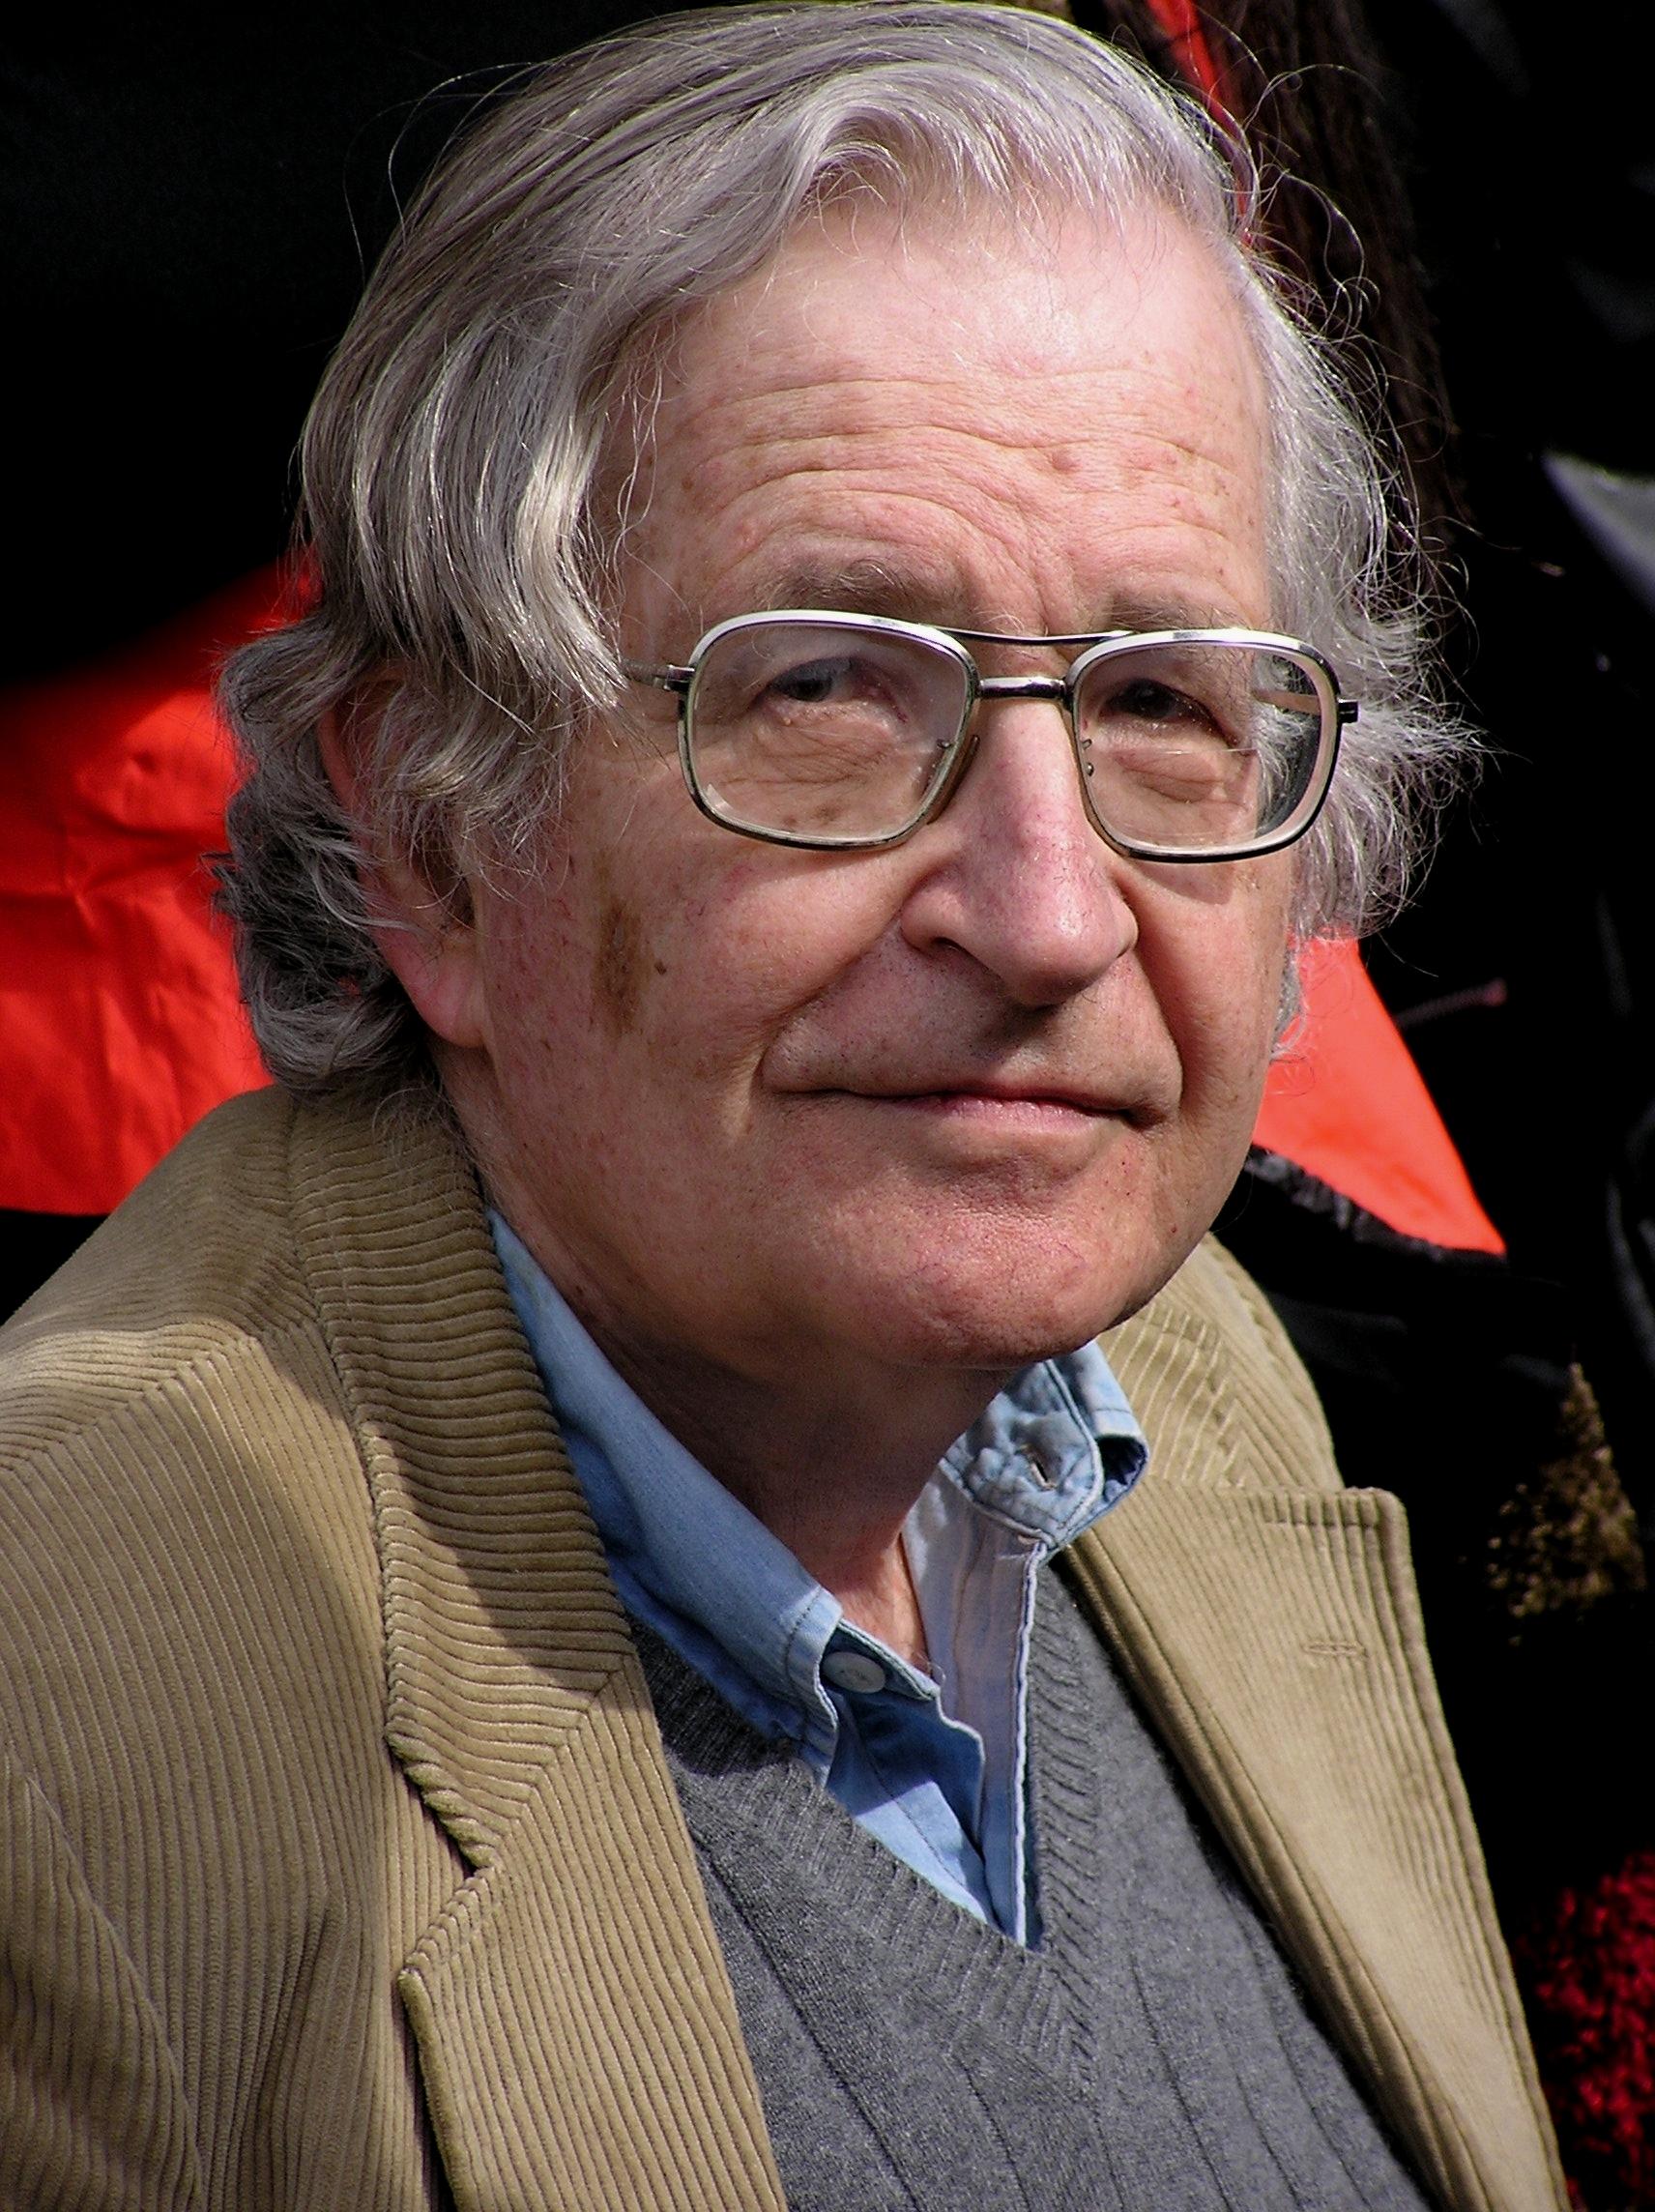 10 principios de la propaganda y la Manipulación Mediática Masiva de Noam Chomsky